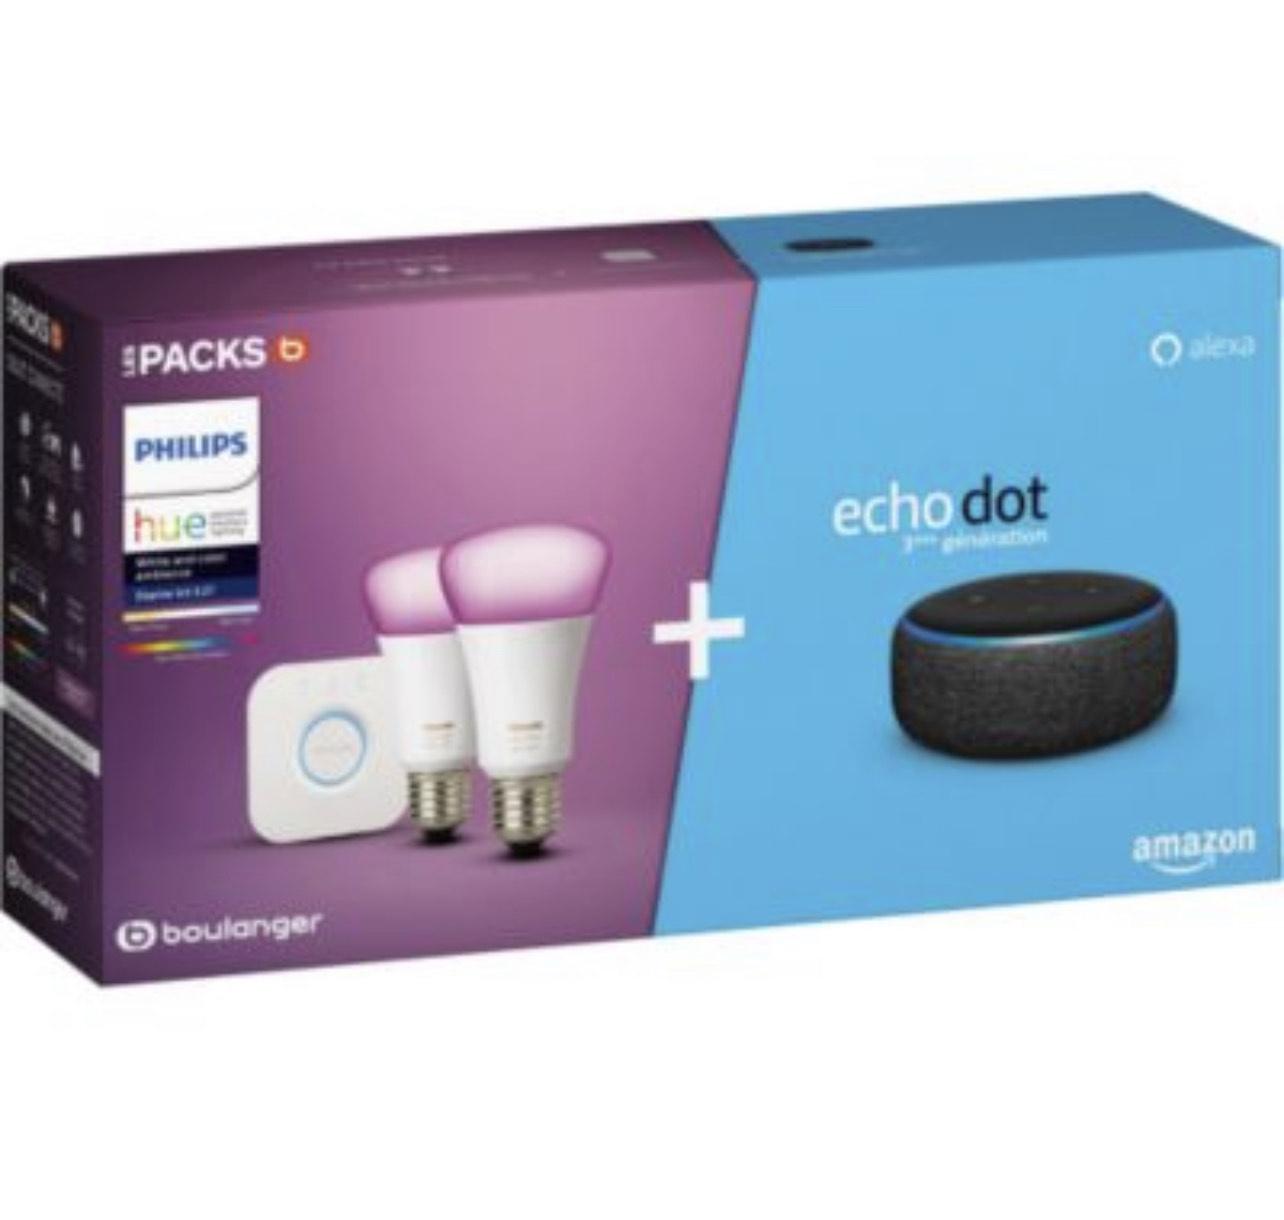 Pack de démarrage Philips Hue/Amazon : 2 Ampoules White & Colors + Pont + Echo Dot 3 (+ 4.25€ en RP) - Boulanger